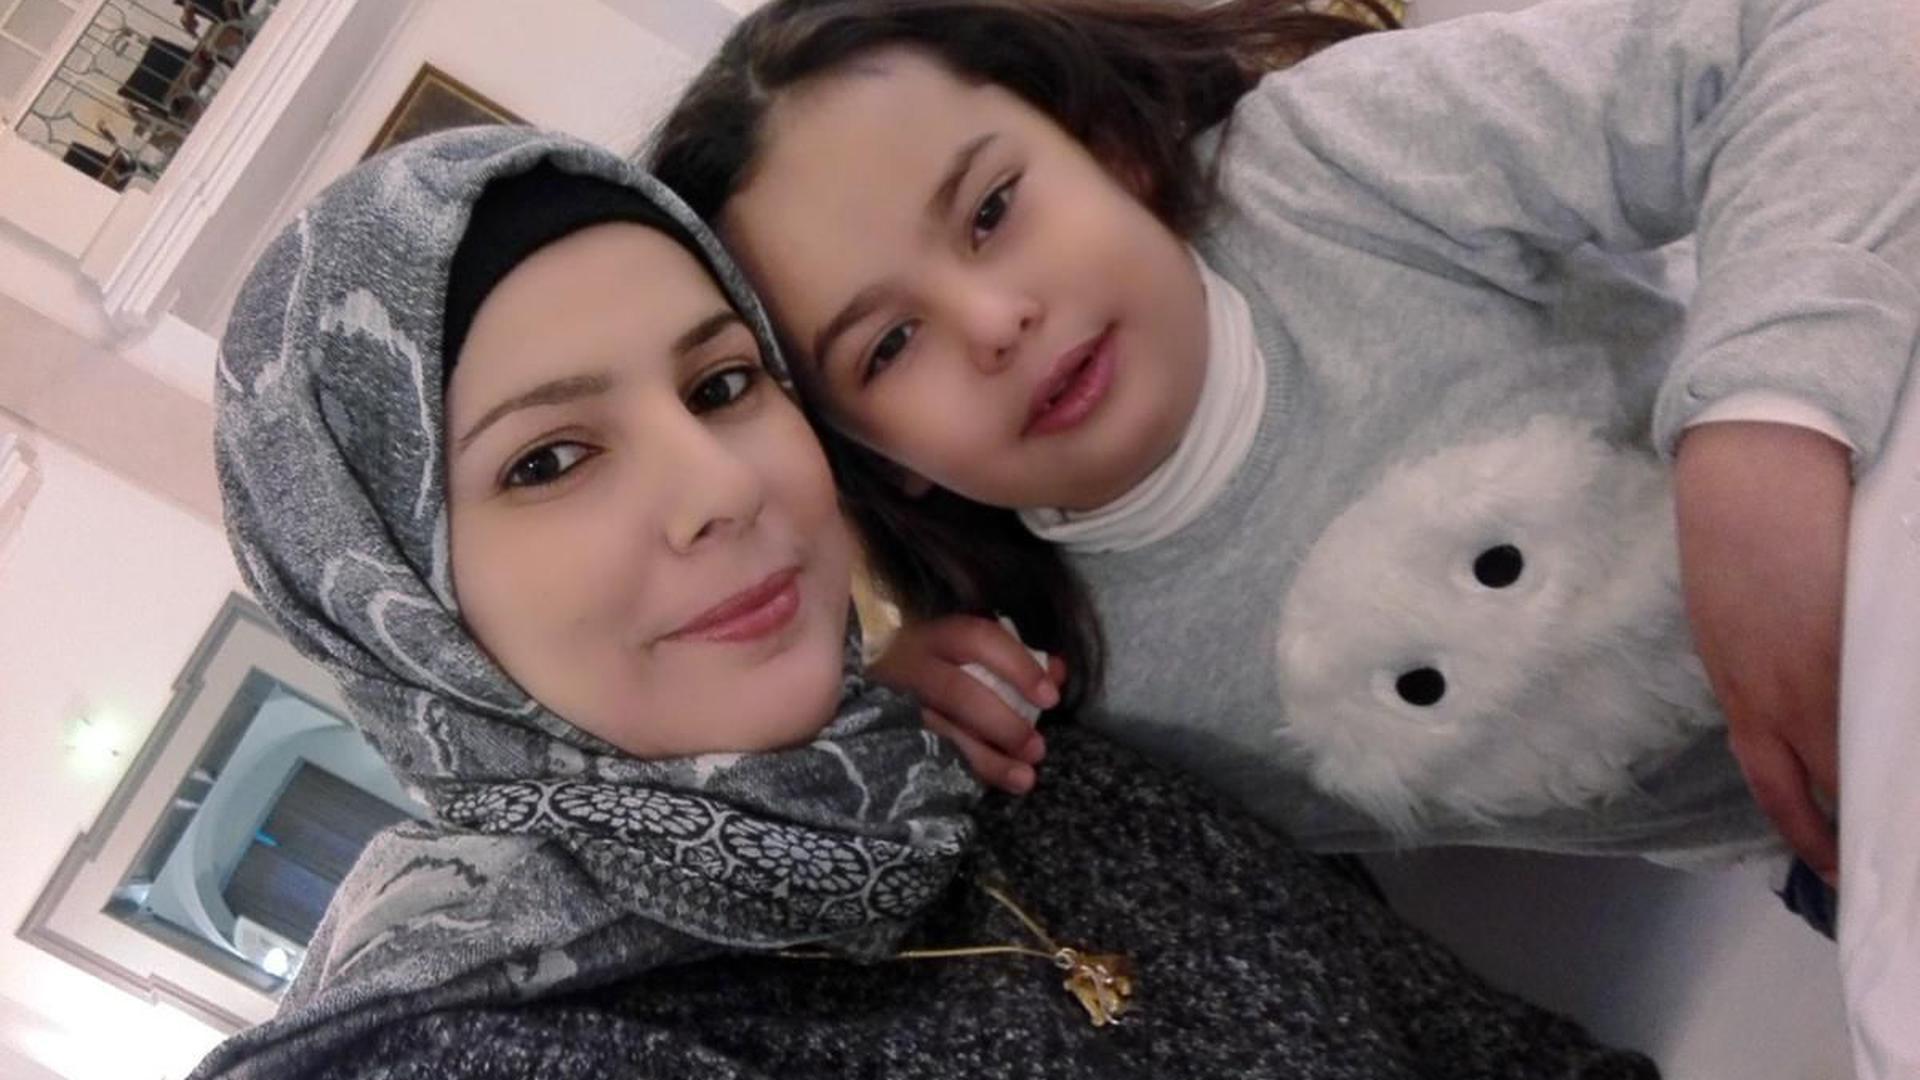 Mutter und Tochter in gedecktem Saal Köpfe aneinander geschmiegt, sitzend